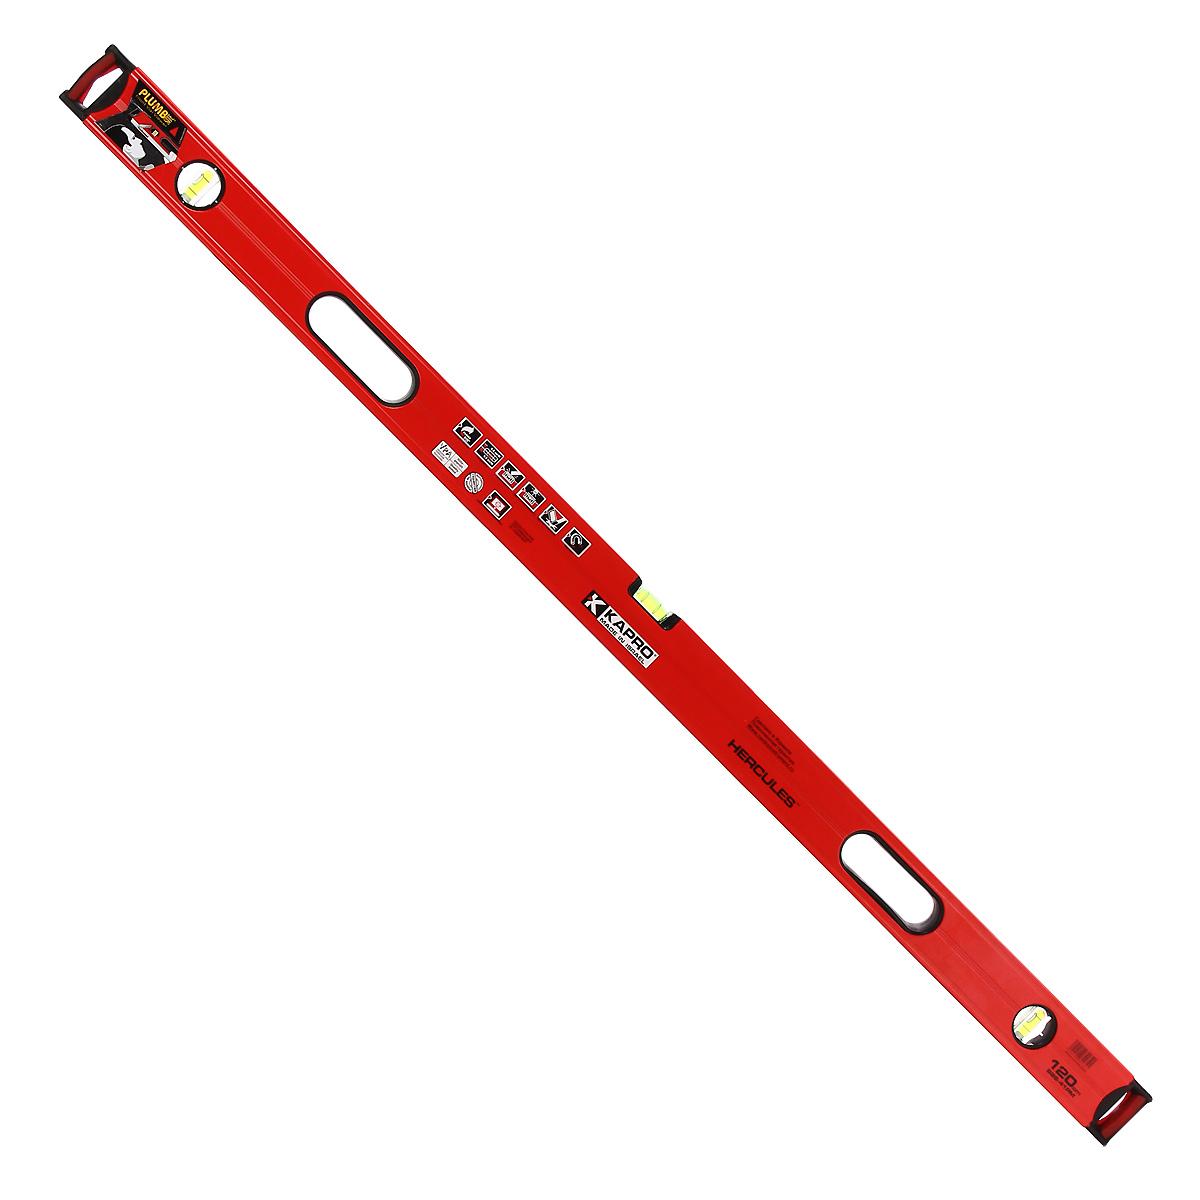 Уровень магнитный Kapro PlumbSite Hercules, 3 колбы, 120 см986-41-120РМУровень Kapro PlumbSite Hercules используется при необходимости контроля горизонтальных и вертикальных плоскостей. Металлический корпус уровня обеспечивает долгий срок эксплуатации. Оснащен 3 колбами. Имеется магнит для фиксации на железном покрытии.